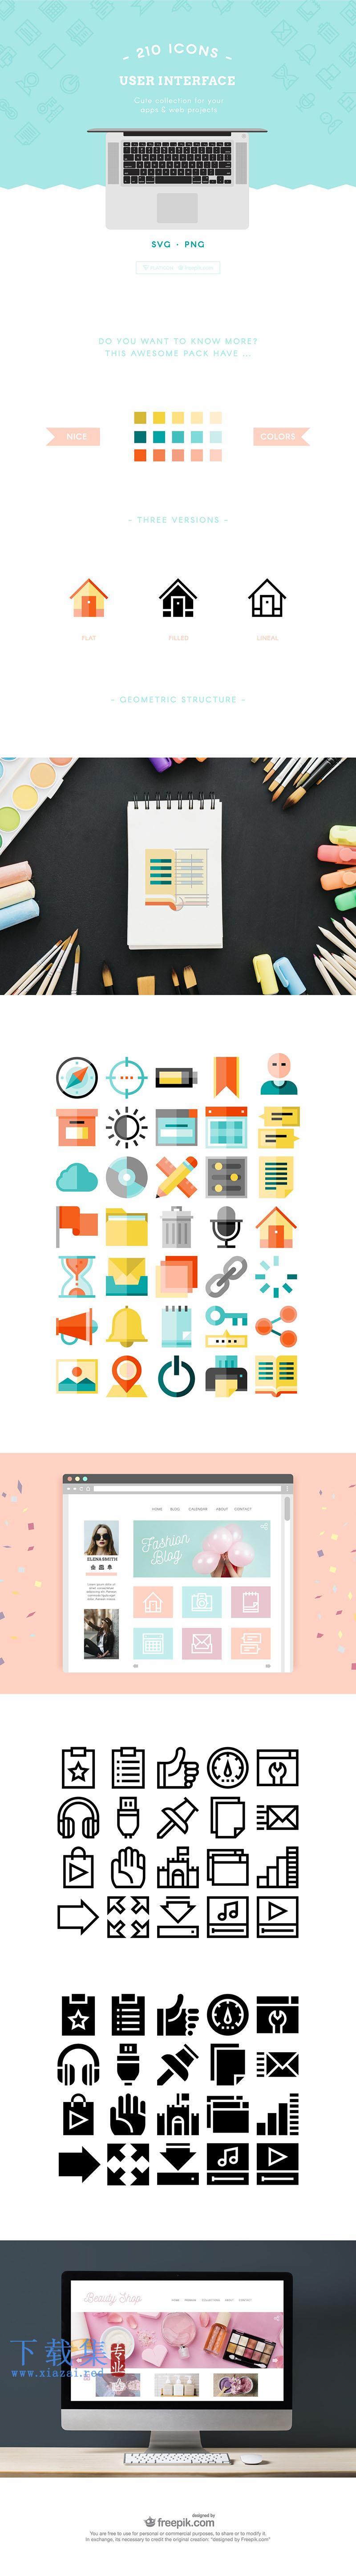 210个用户界面图标SVG矢量素材和PNG免抠图  第1张